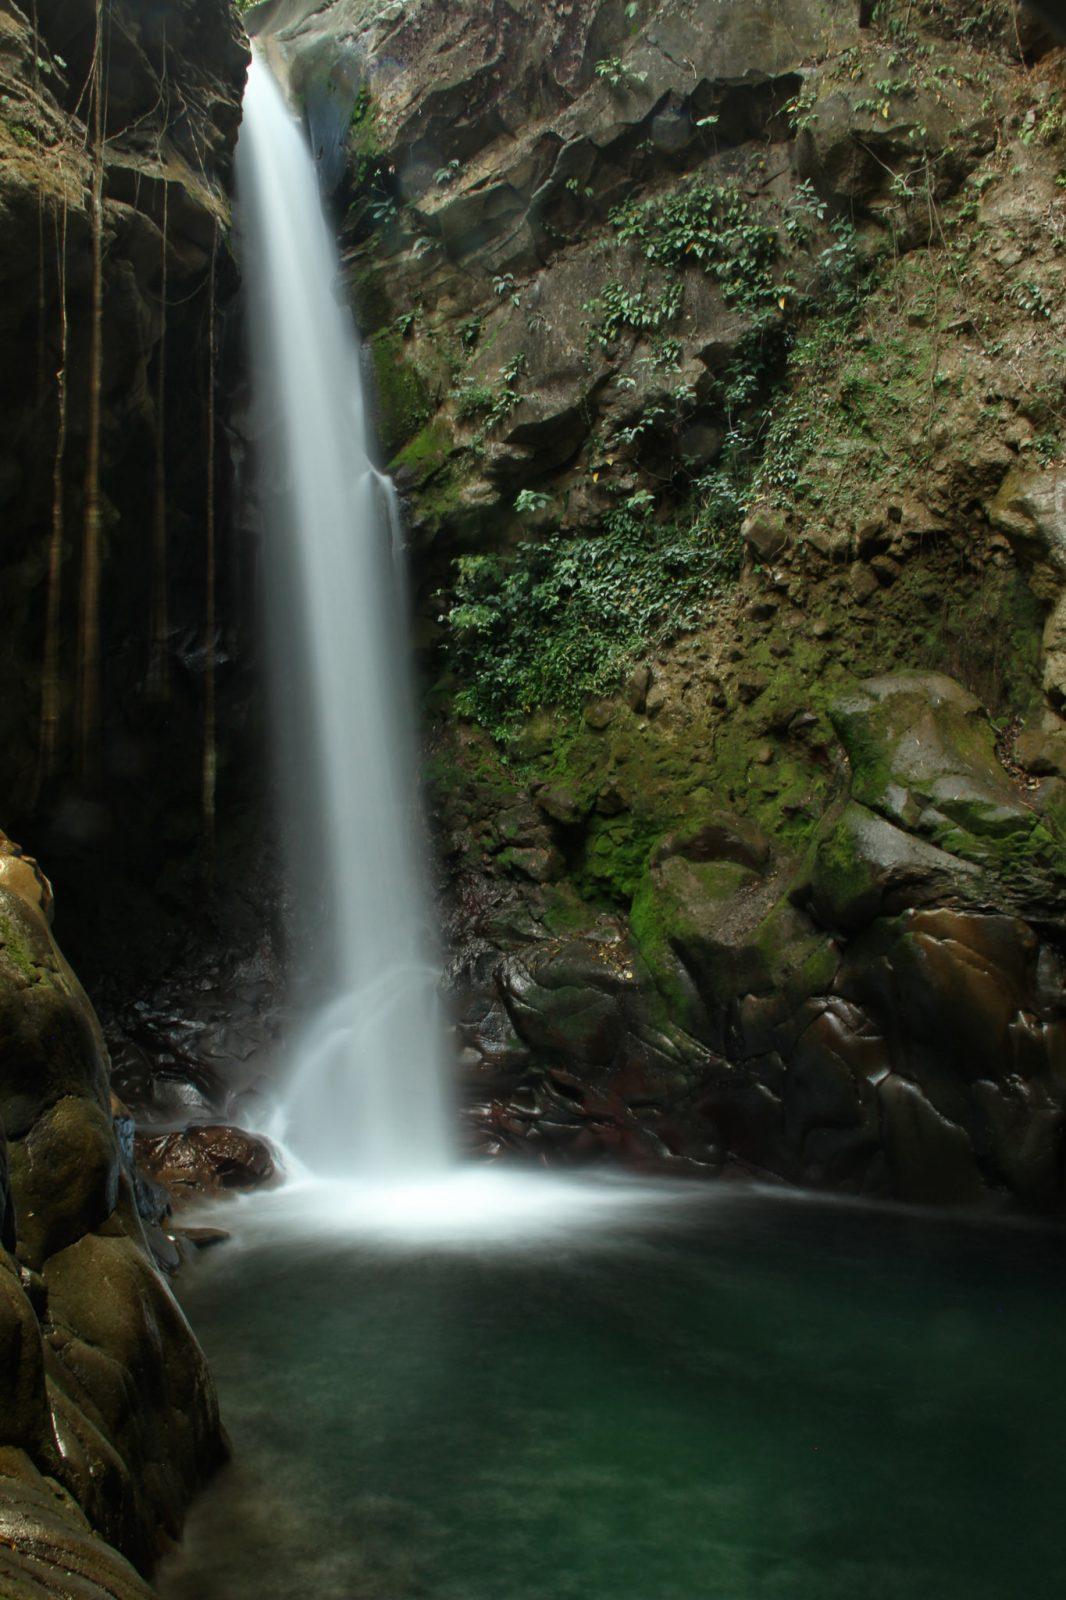 Oropéndola Waterfall in Rincon de la Vieja, Costa Rica